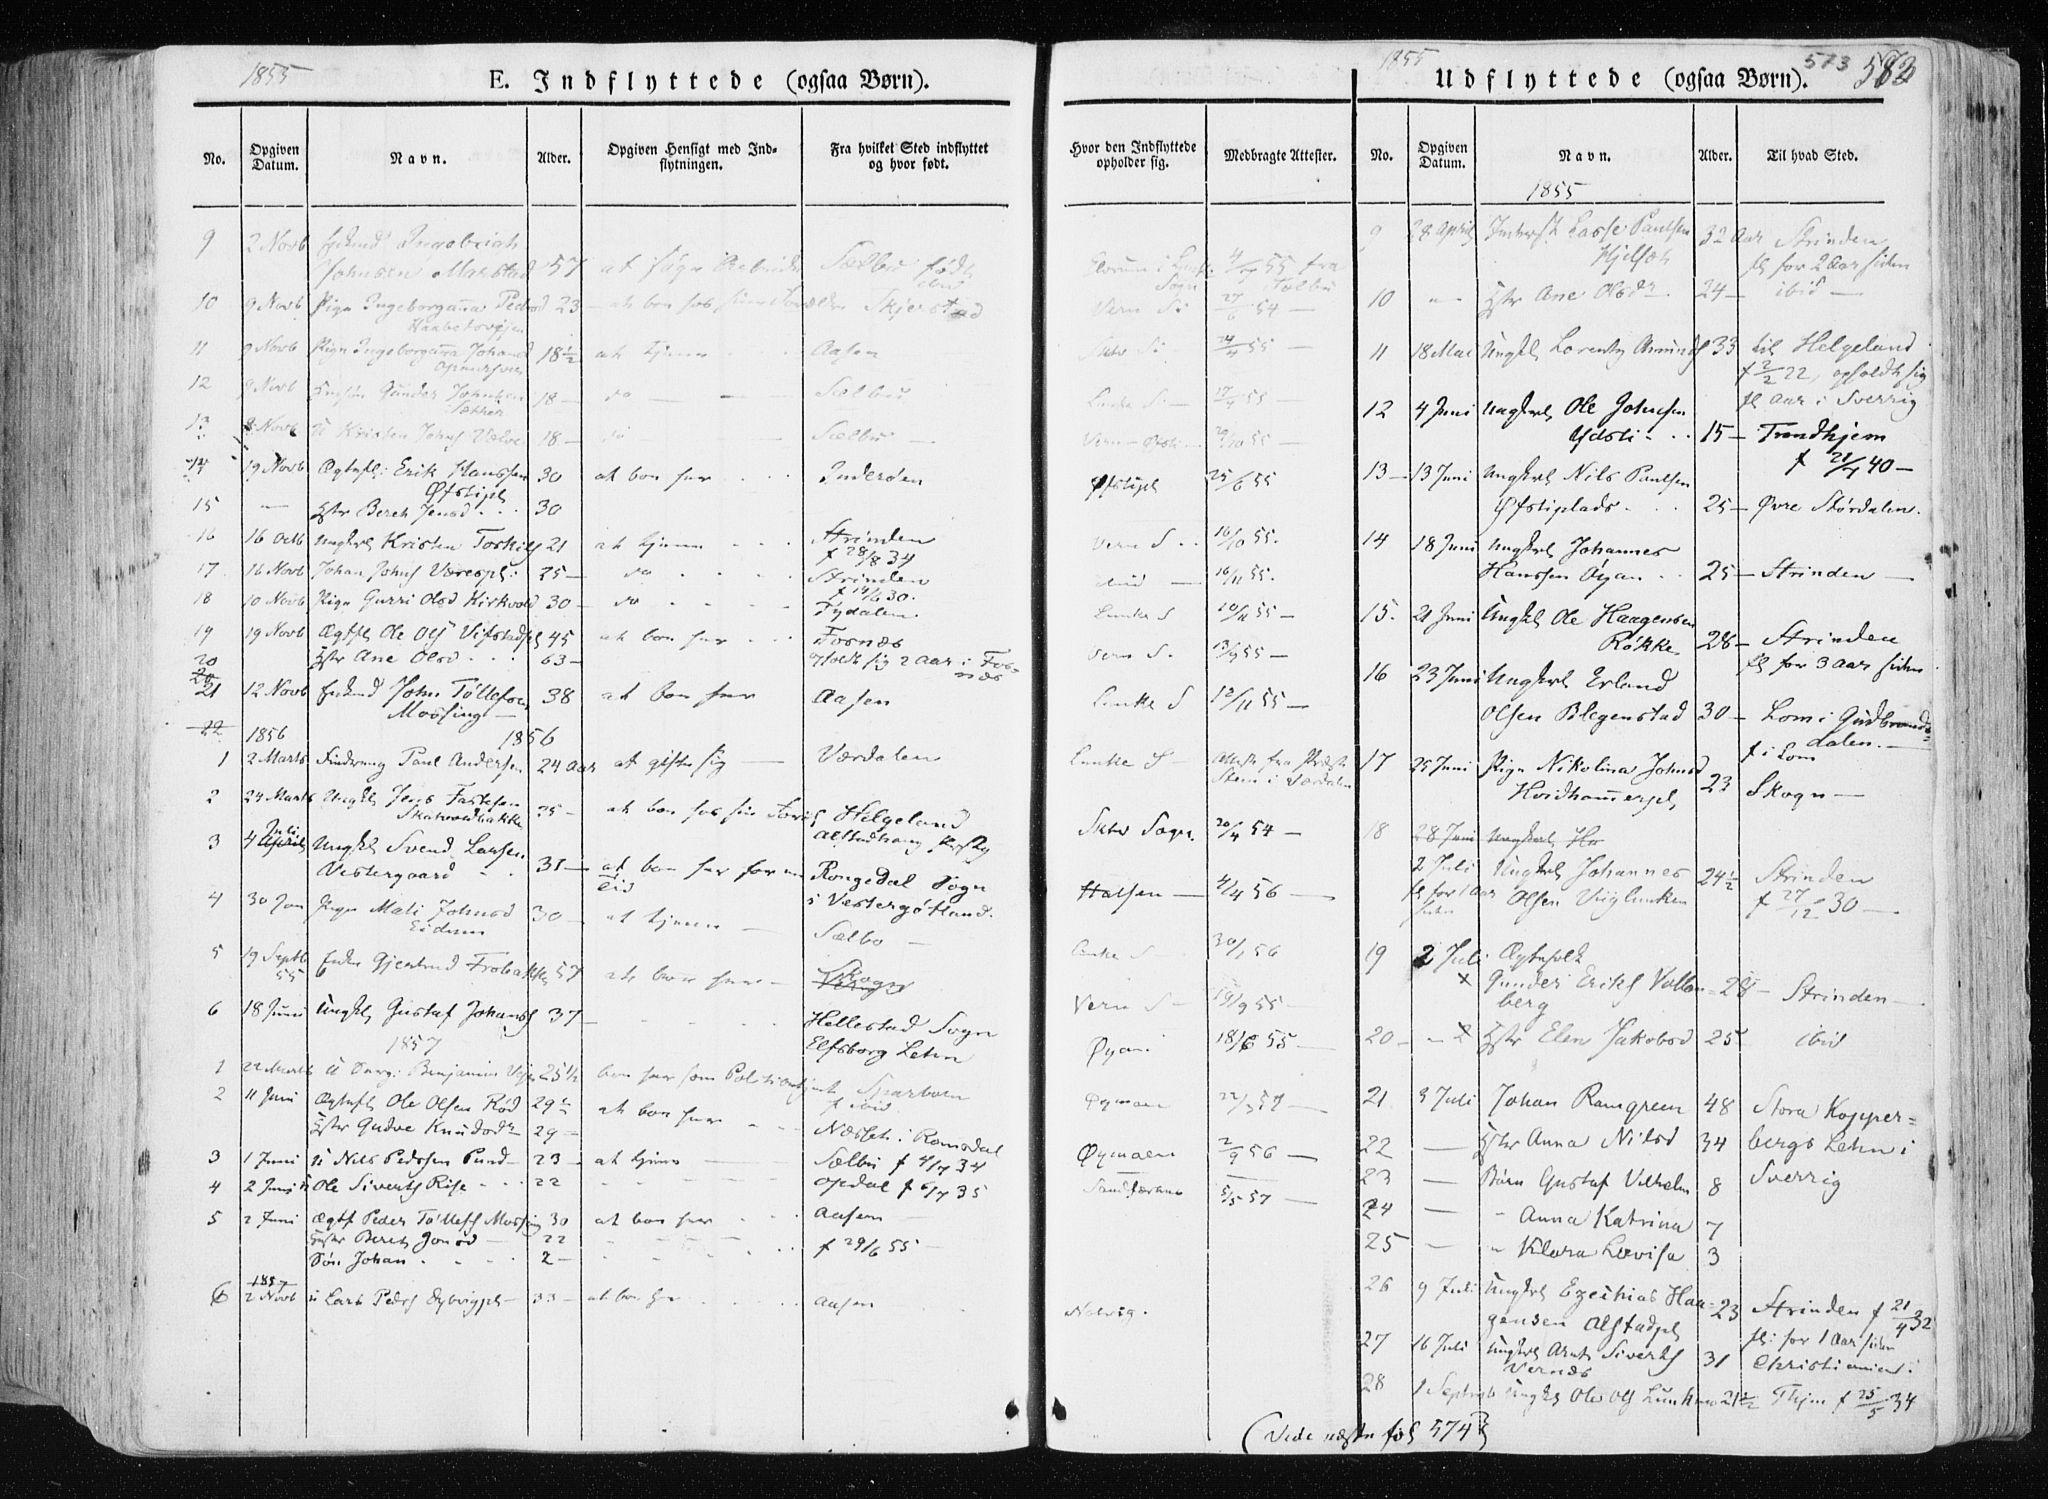 SAT, Ministerialprotokoller, klokkerbøker og fødselsregistre - Nord-Trøndelag, 709/L0074: Ministerialbok nr. 709A14, 1845-1858, s. 573